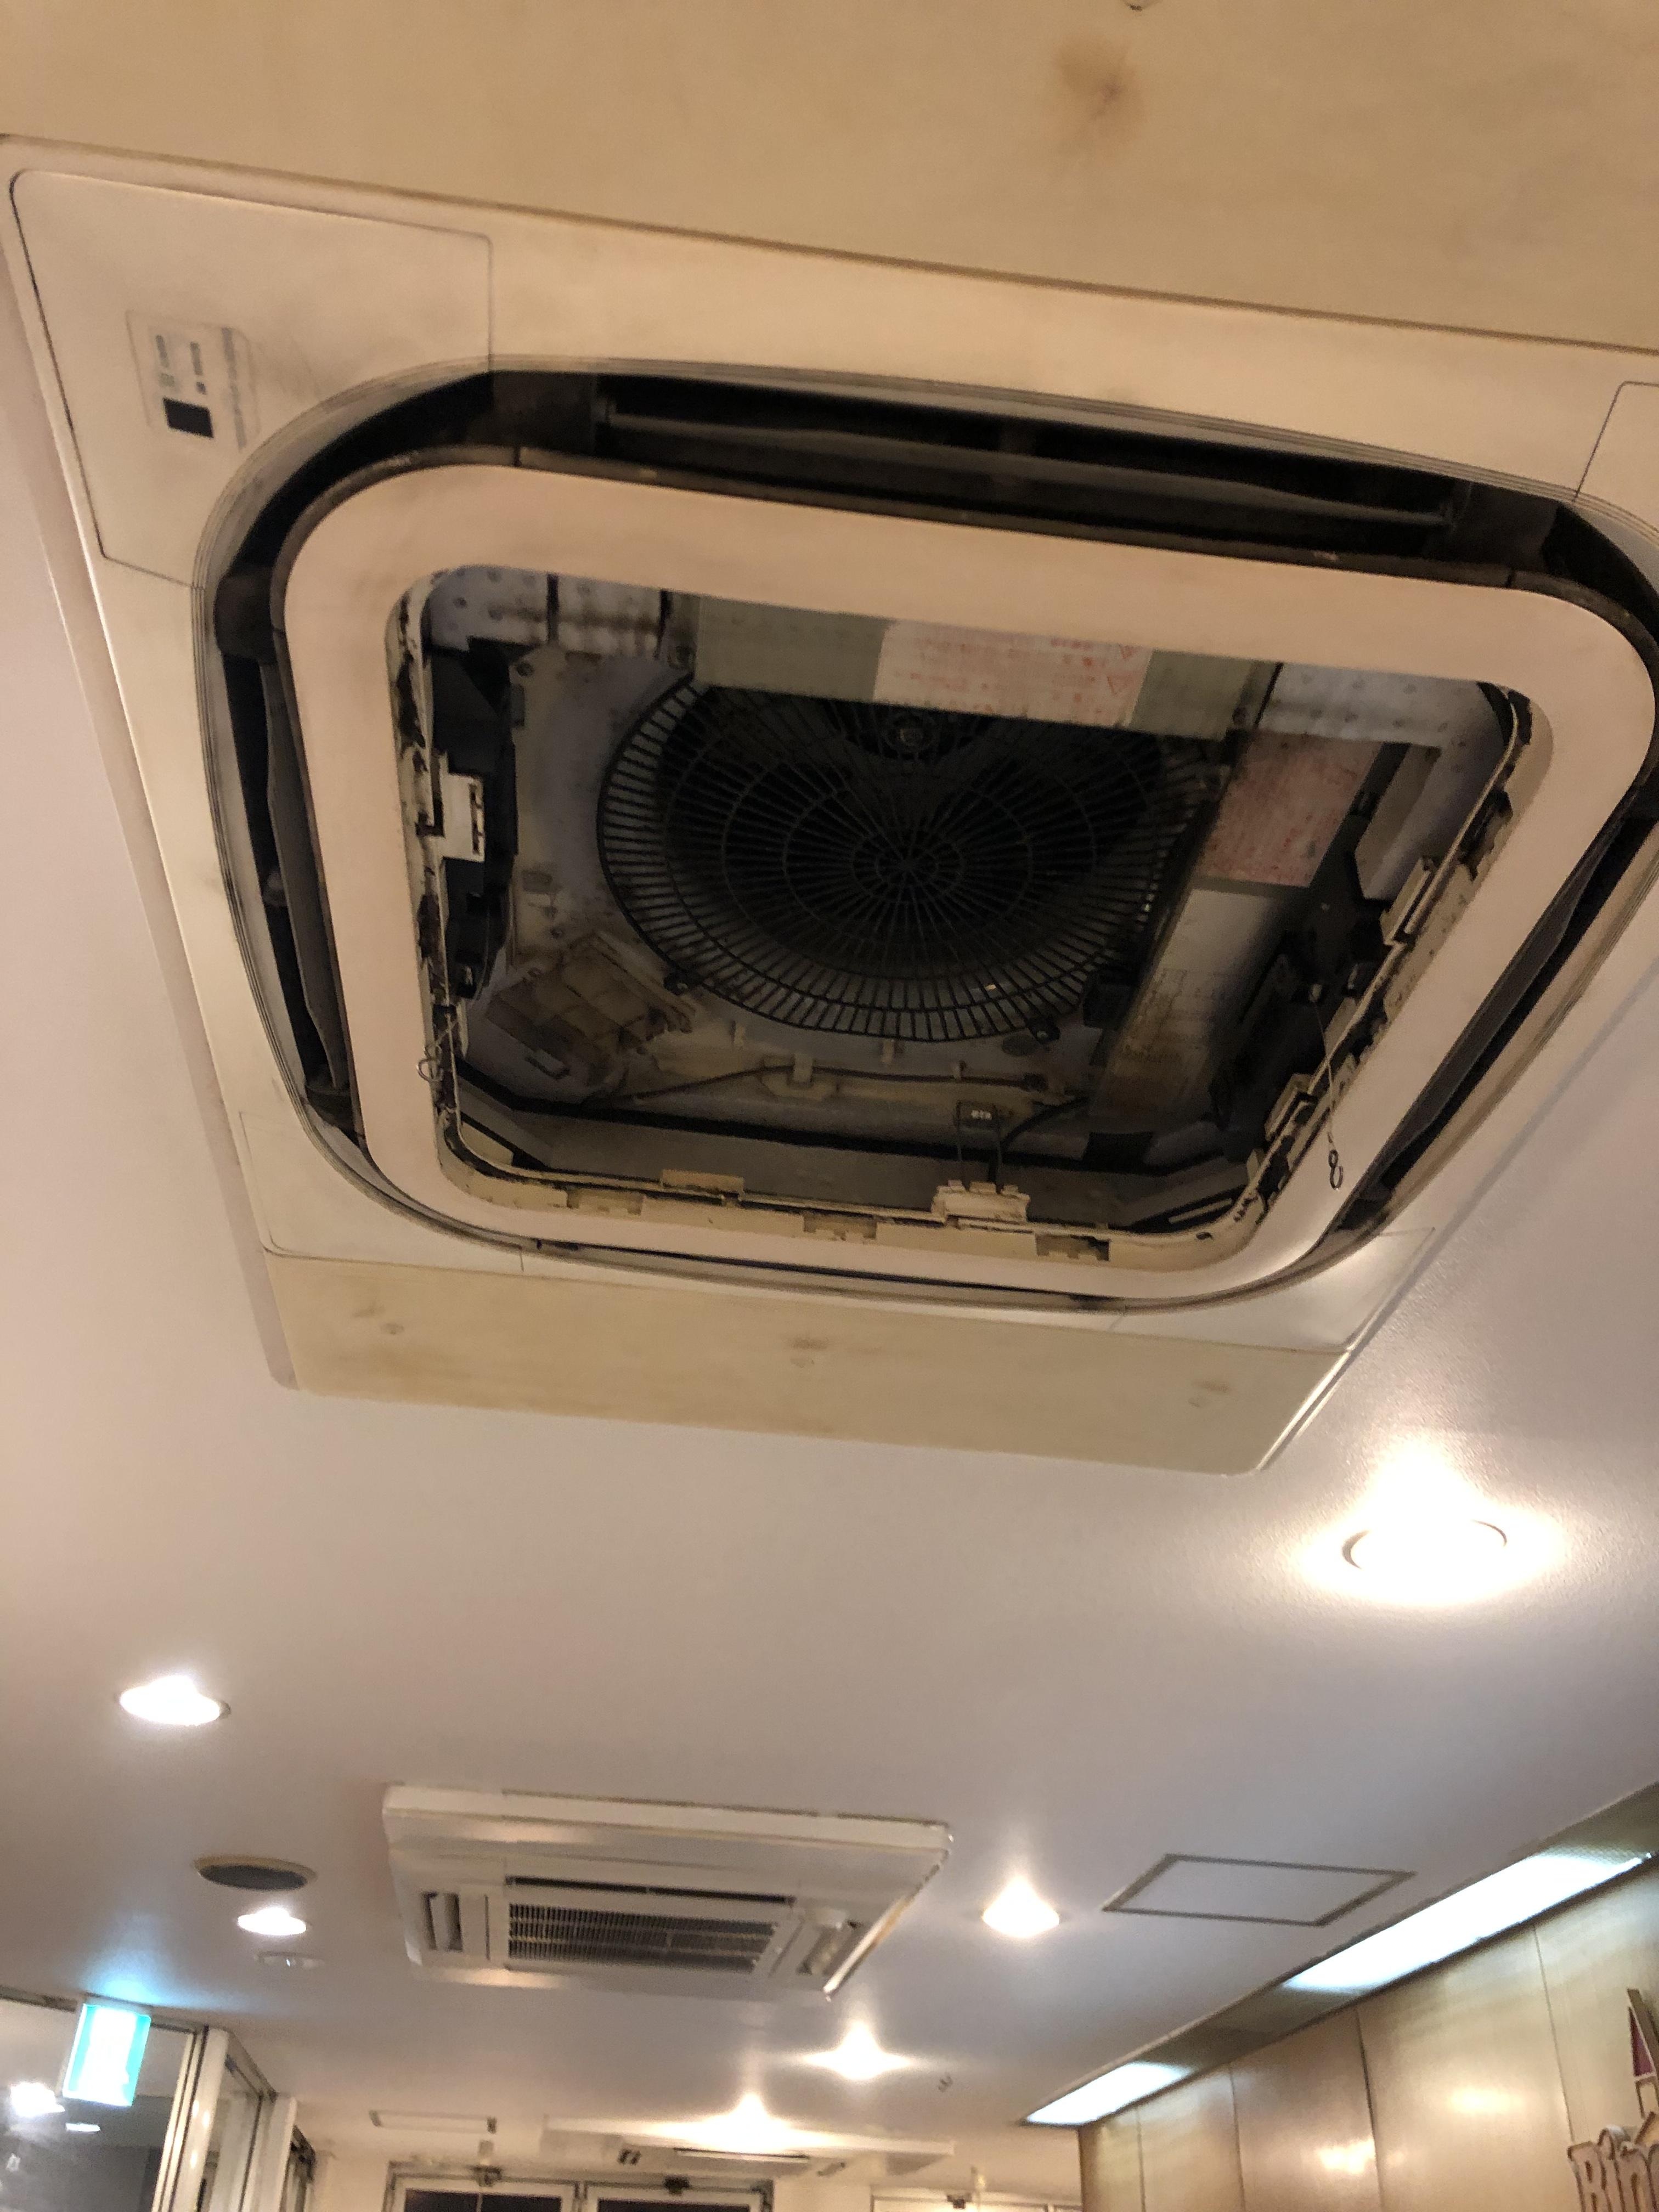 三田川町大手チェーン店R業務用エアコン分解クリーニング